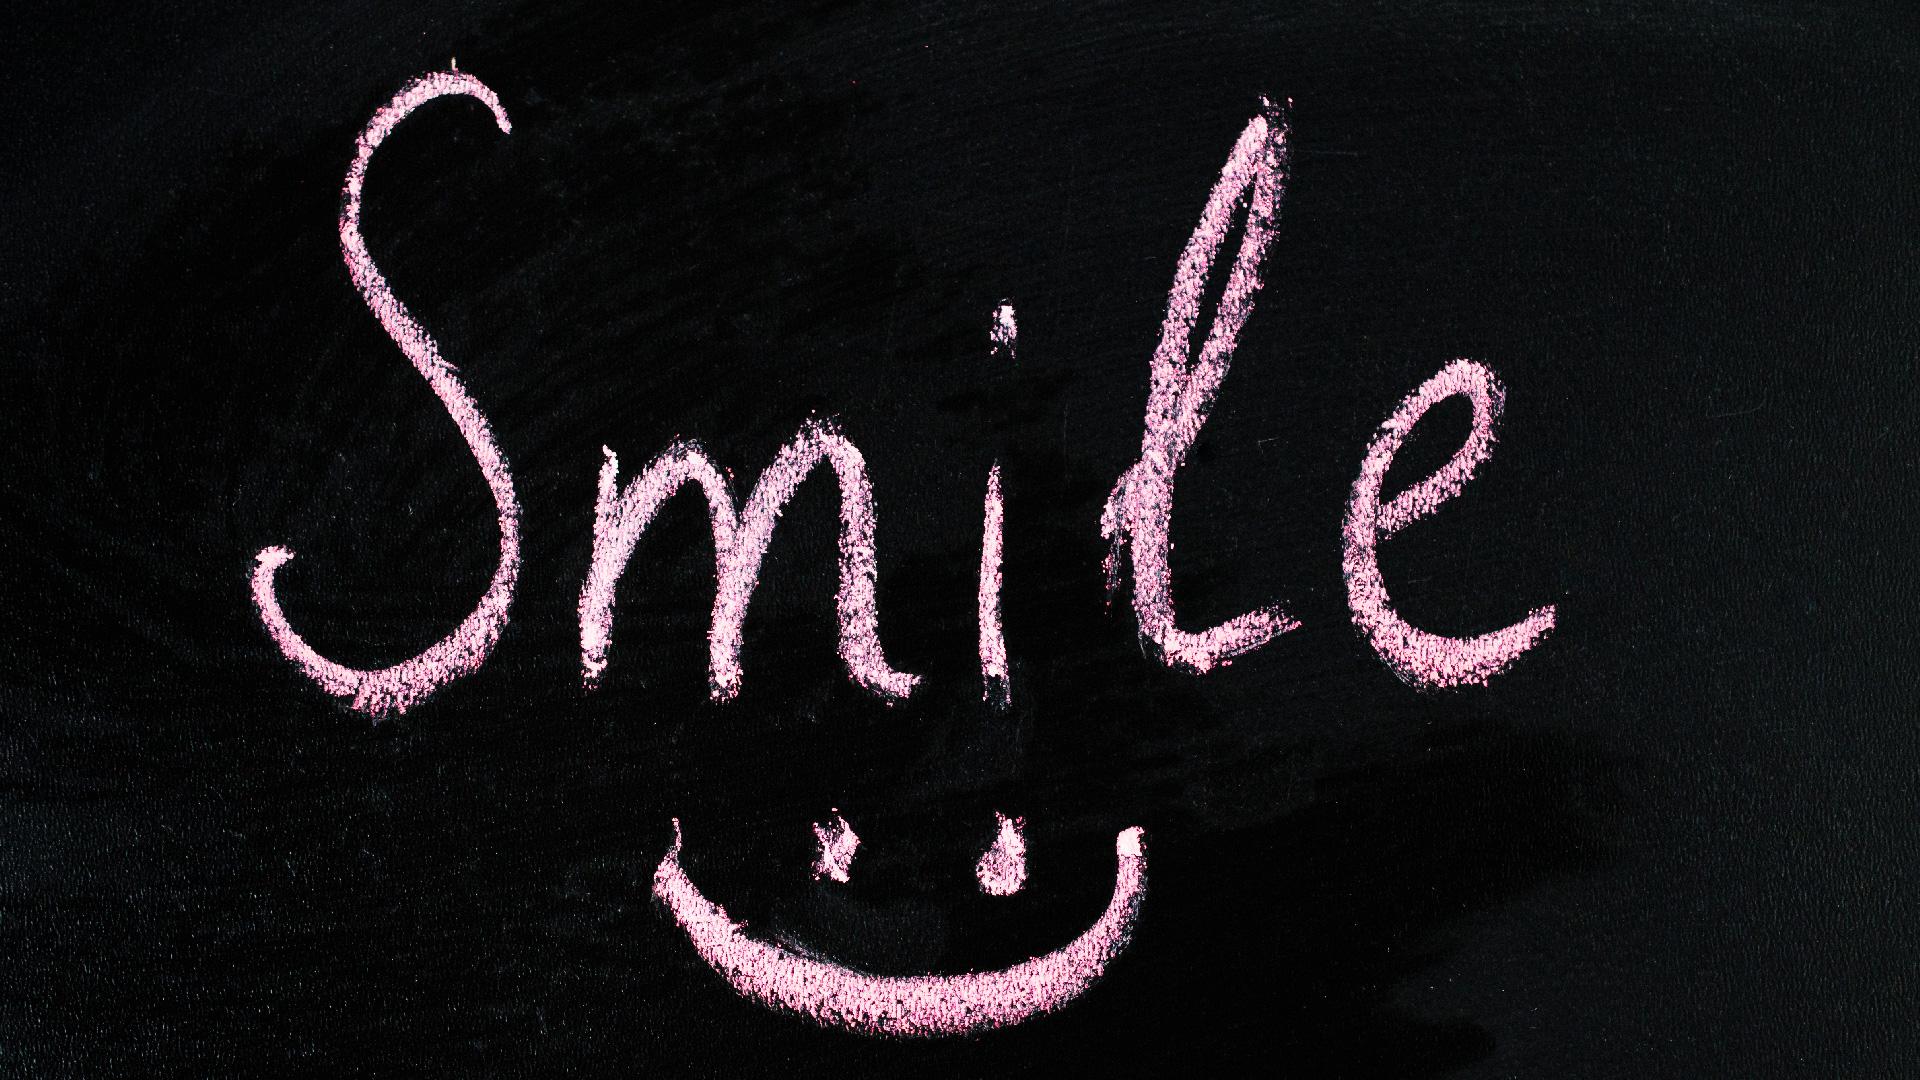 Psicología pop: ¡Te he dicho que sonrías!